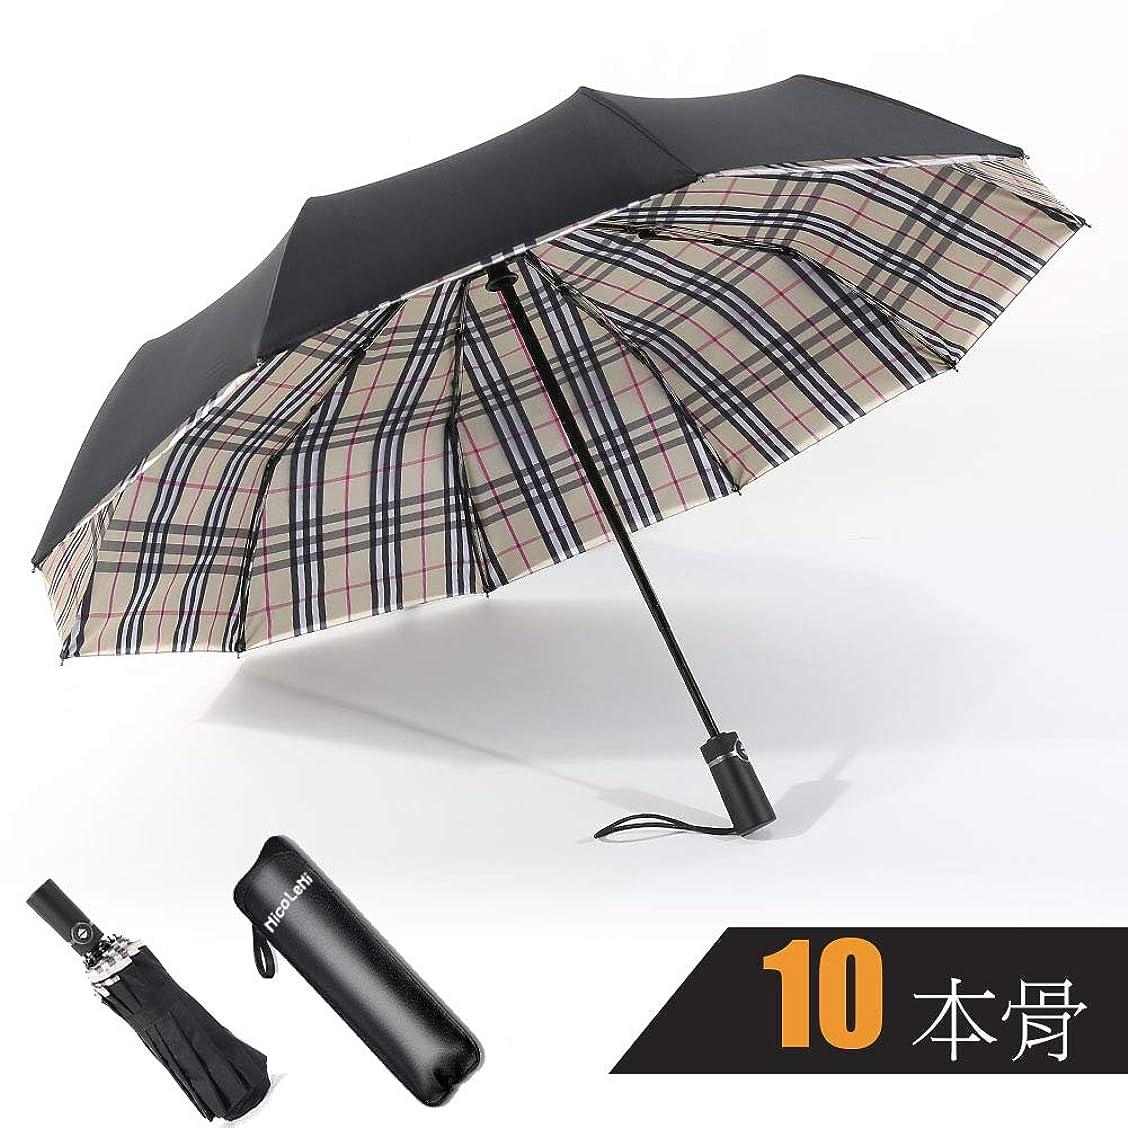 一般子供時代ドールNicoleNi 折りたたみ傘 自動開閉式 2重構造 日傘 晴雨兼用 折り畳み傘 頑丈な10本骨 Teflon加工 耐風撥水 210T高強度 防災梅雨対策 メンズ&レディース傘 ビッグサイズ 傘カバー2セット(チェック)